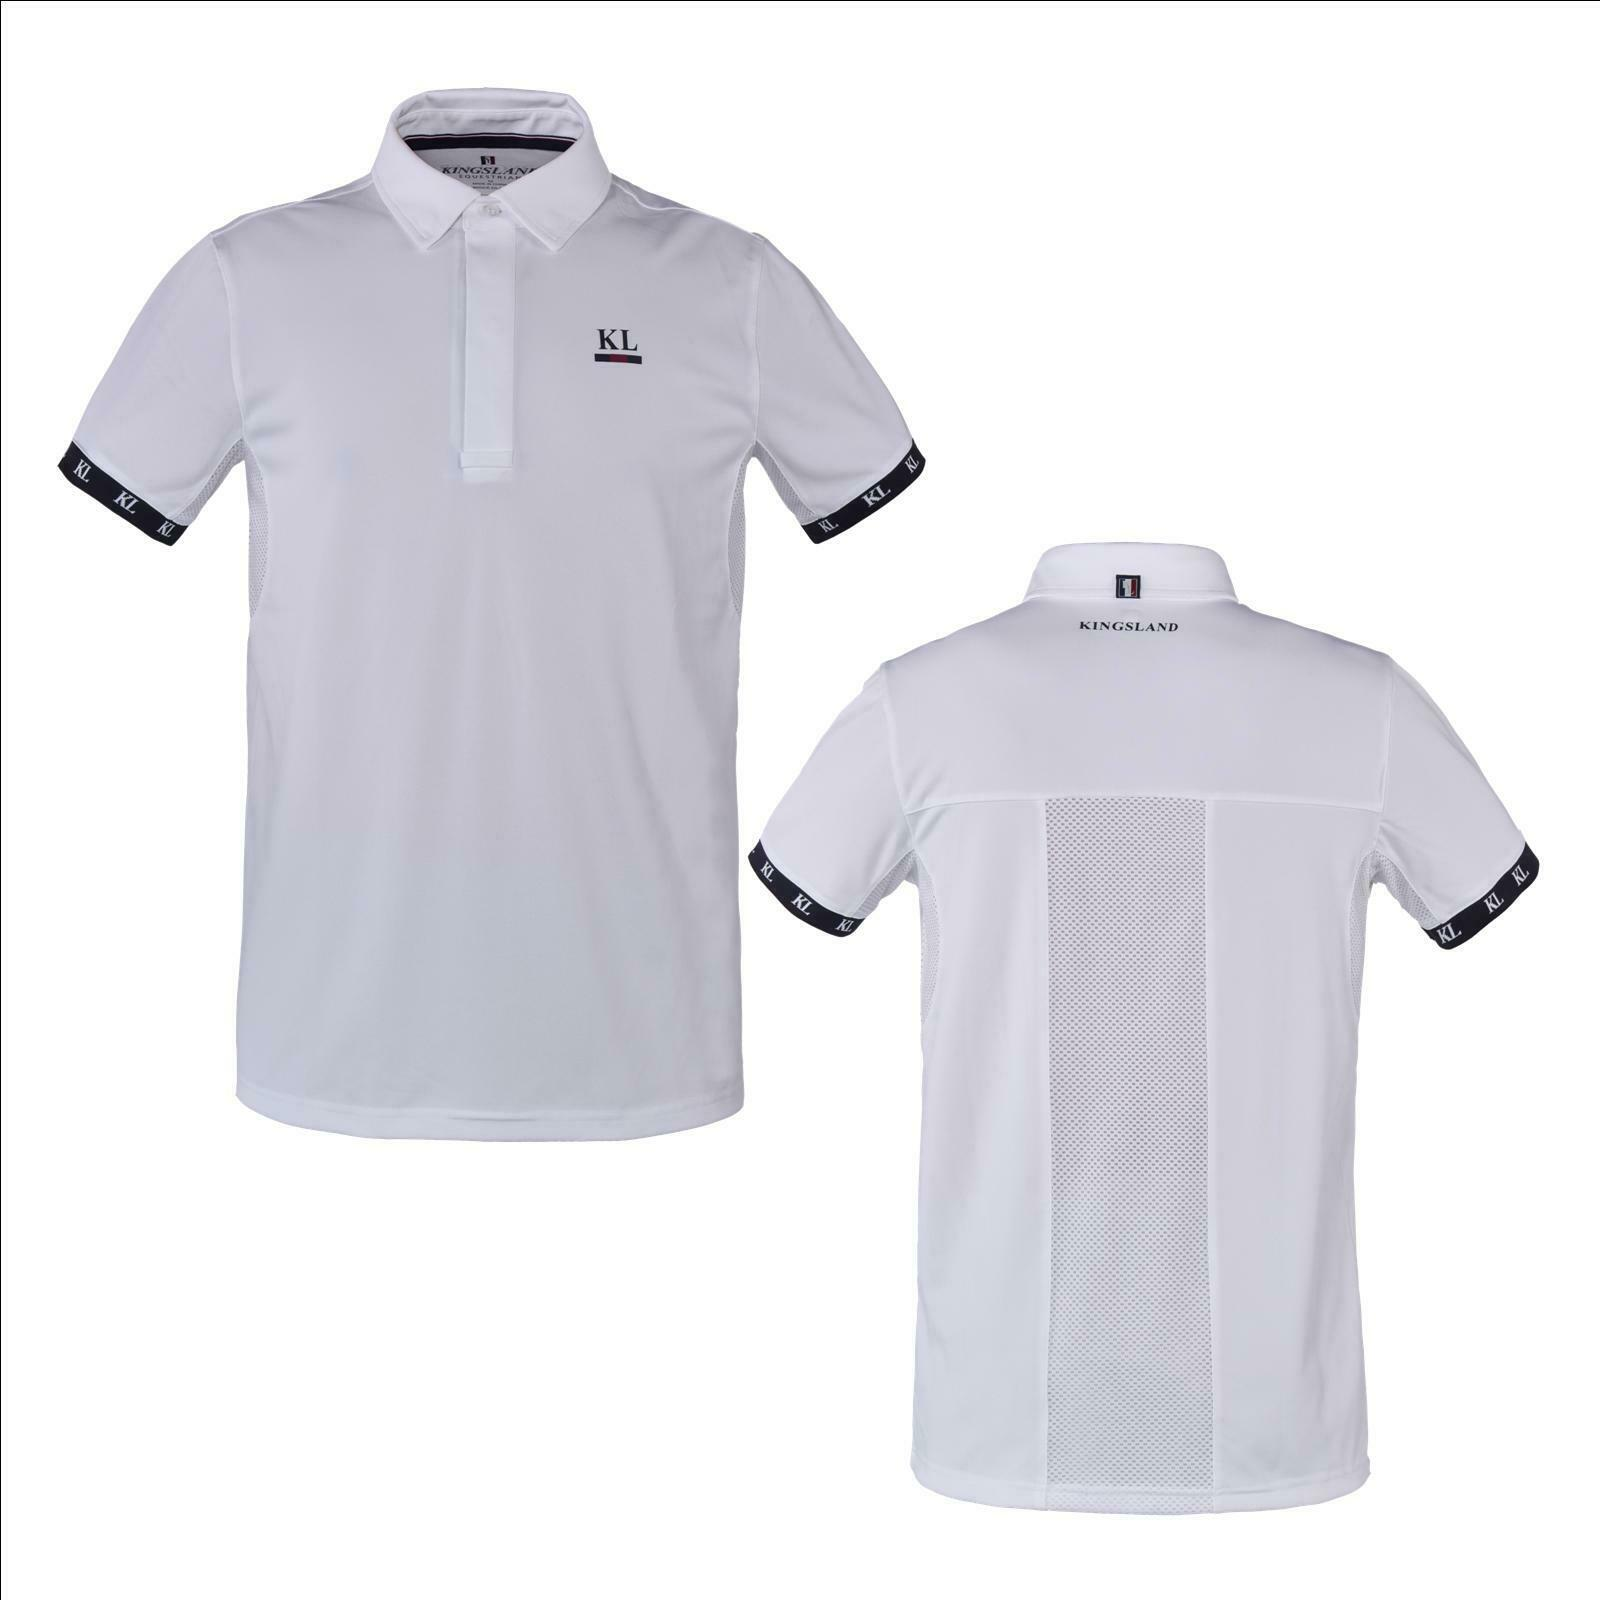 Kingsland a maniche cortetorneo Camicia per Uomo KL _ bornos, show maglietta, torneo...